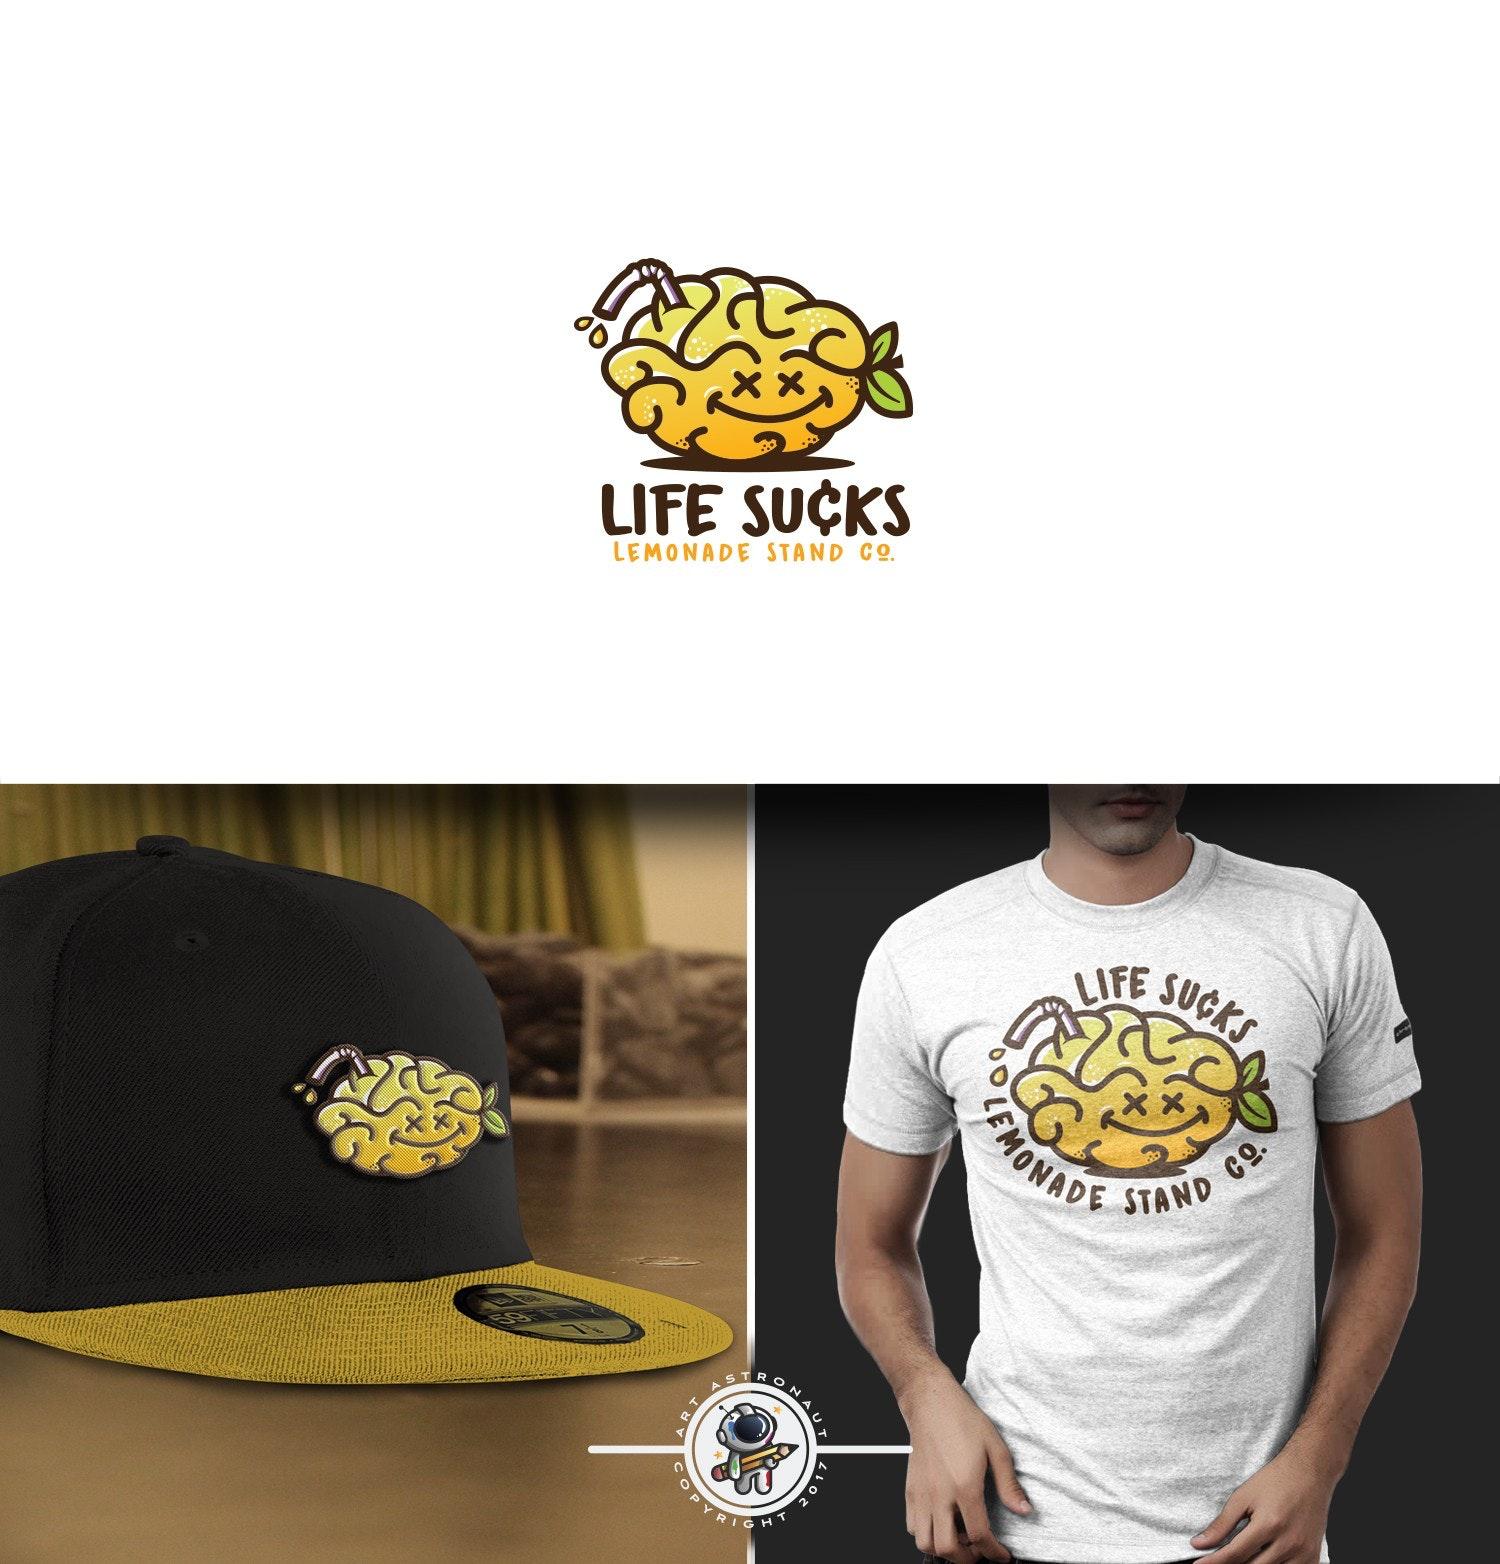 Life Sucks Lemonade Stand Co. logo